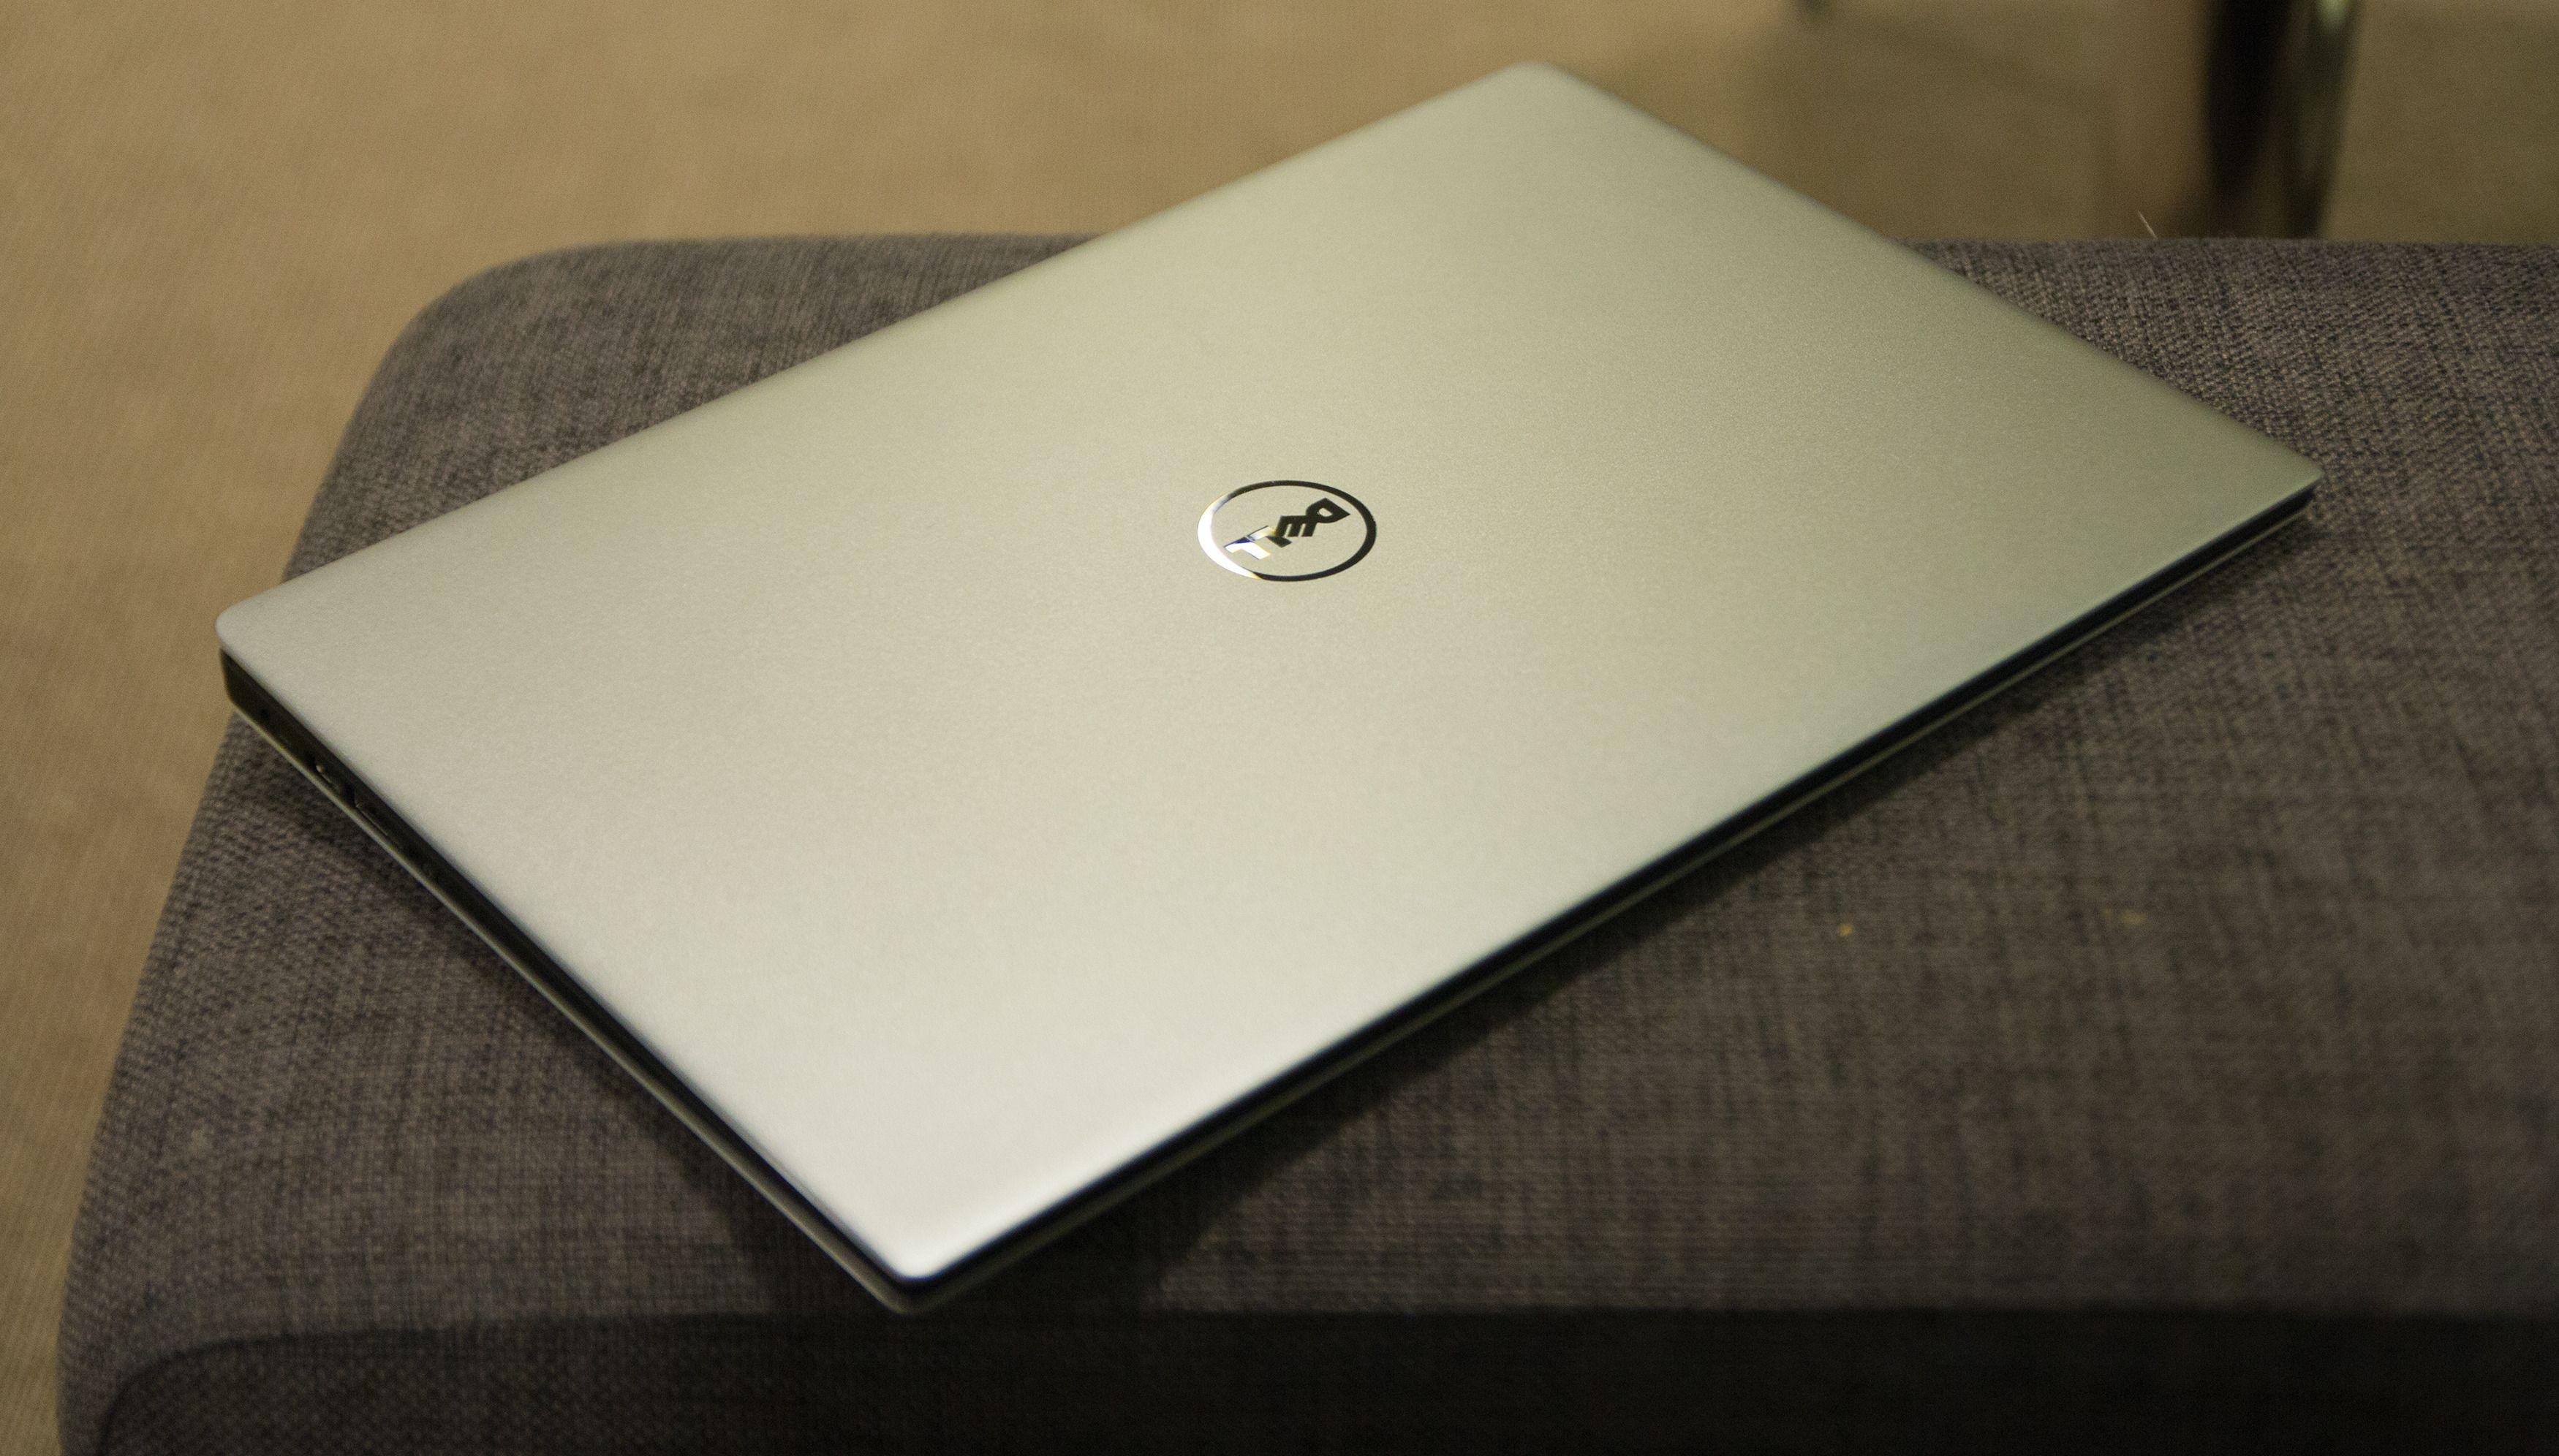 Aldri har Dell-logoen prydet en så god ultrabærbar. Foto: Anders Brattensborg Smedsrud, Tek.no